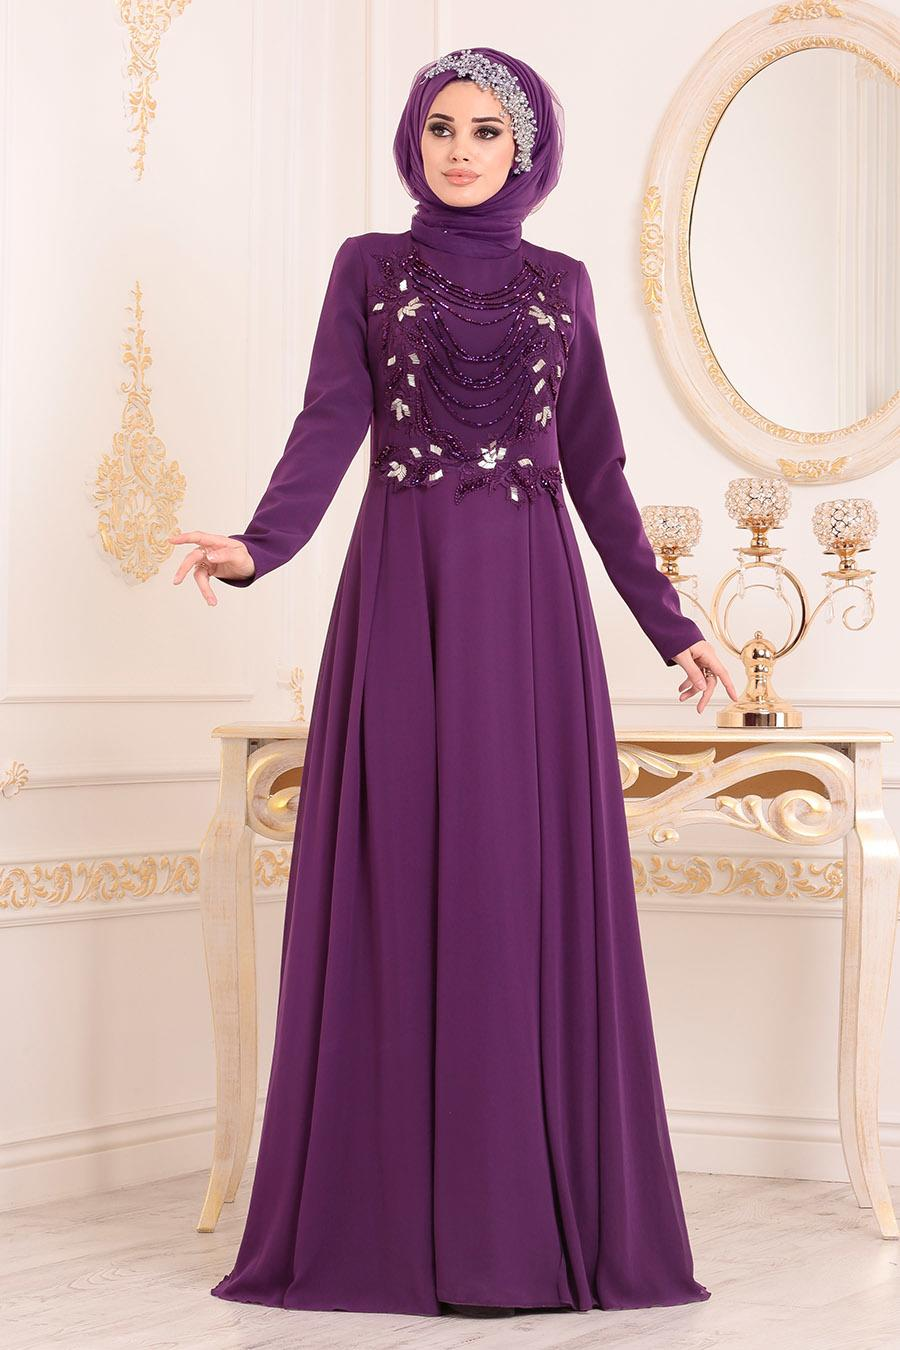 Tesettürlü Abiye Elbise - Boncuk Detaylı Mor Tesettür Abiye Elbise 20510MOR